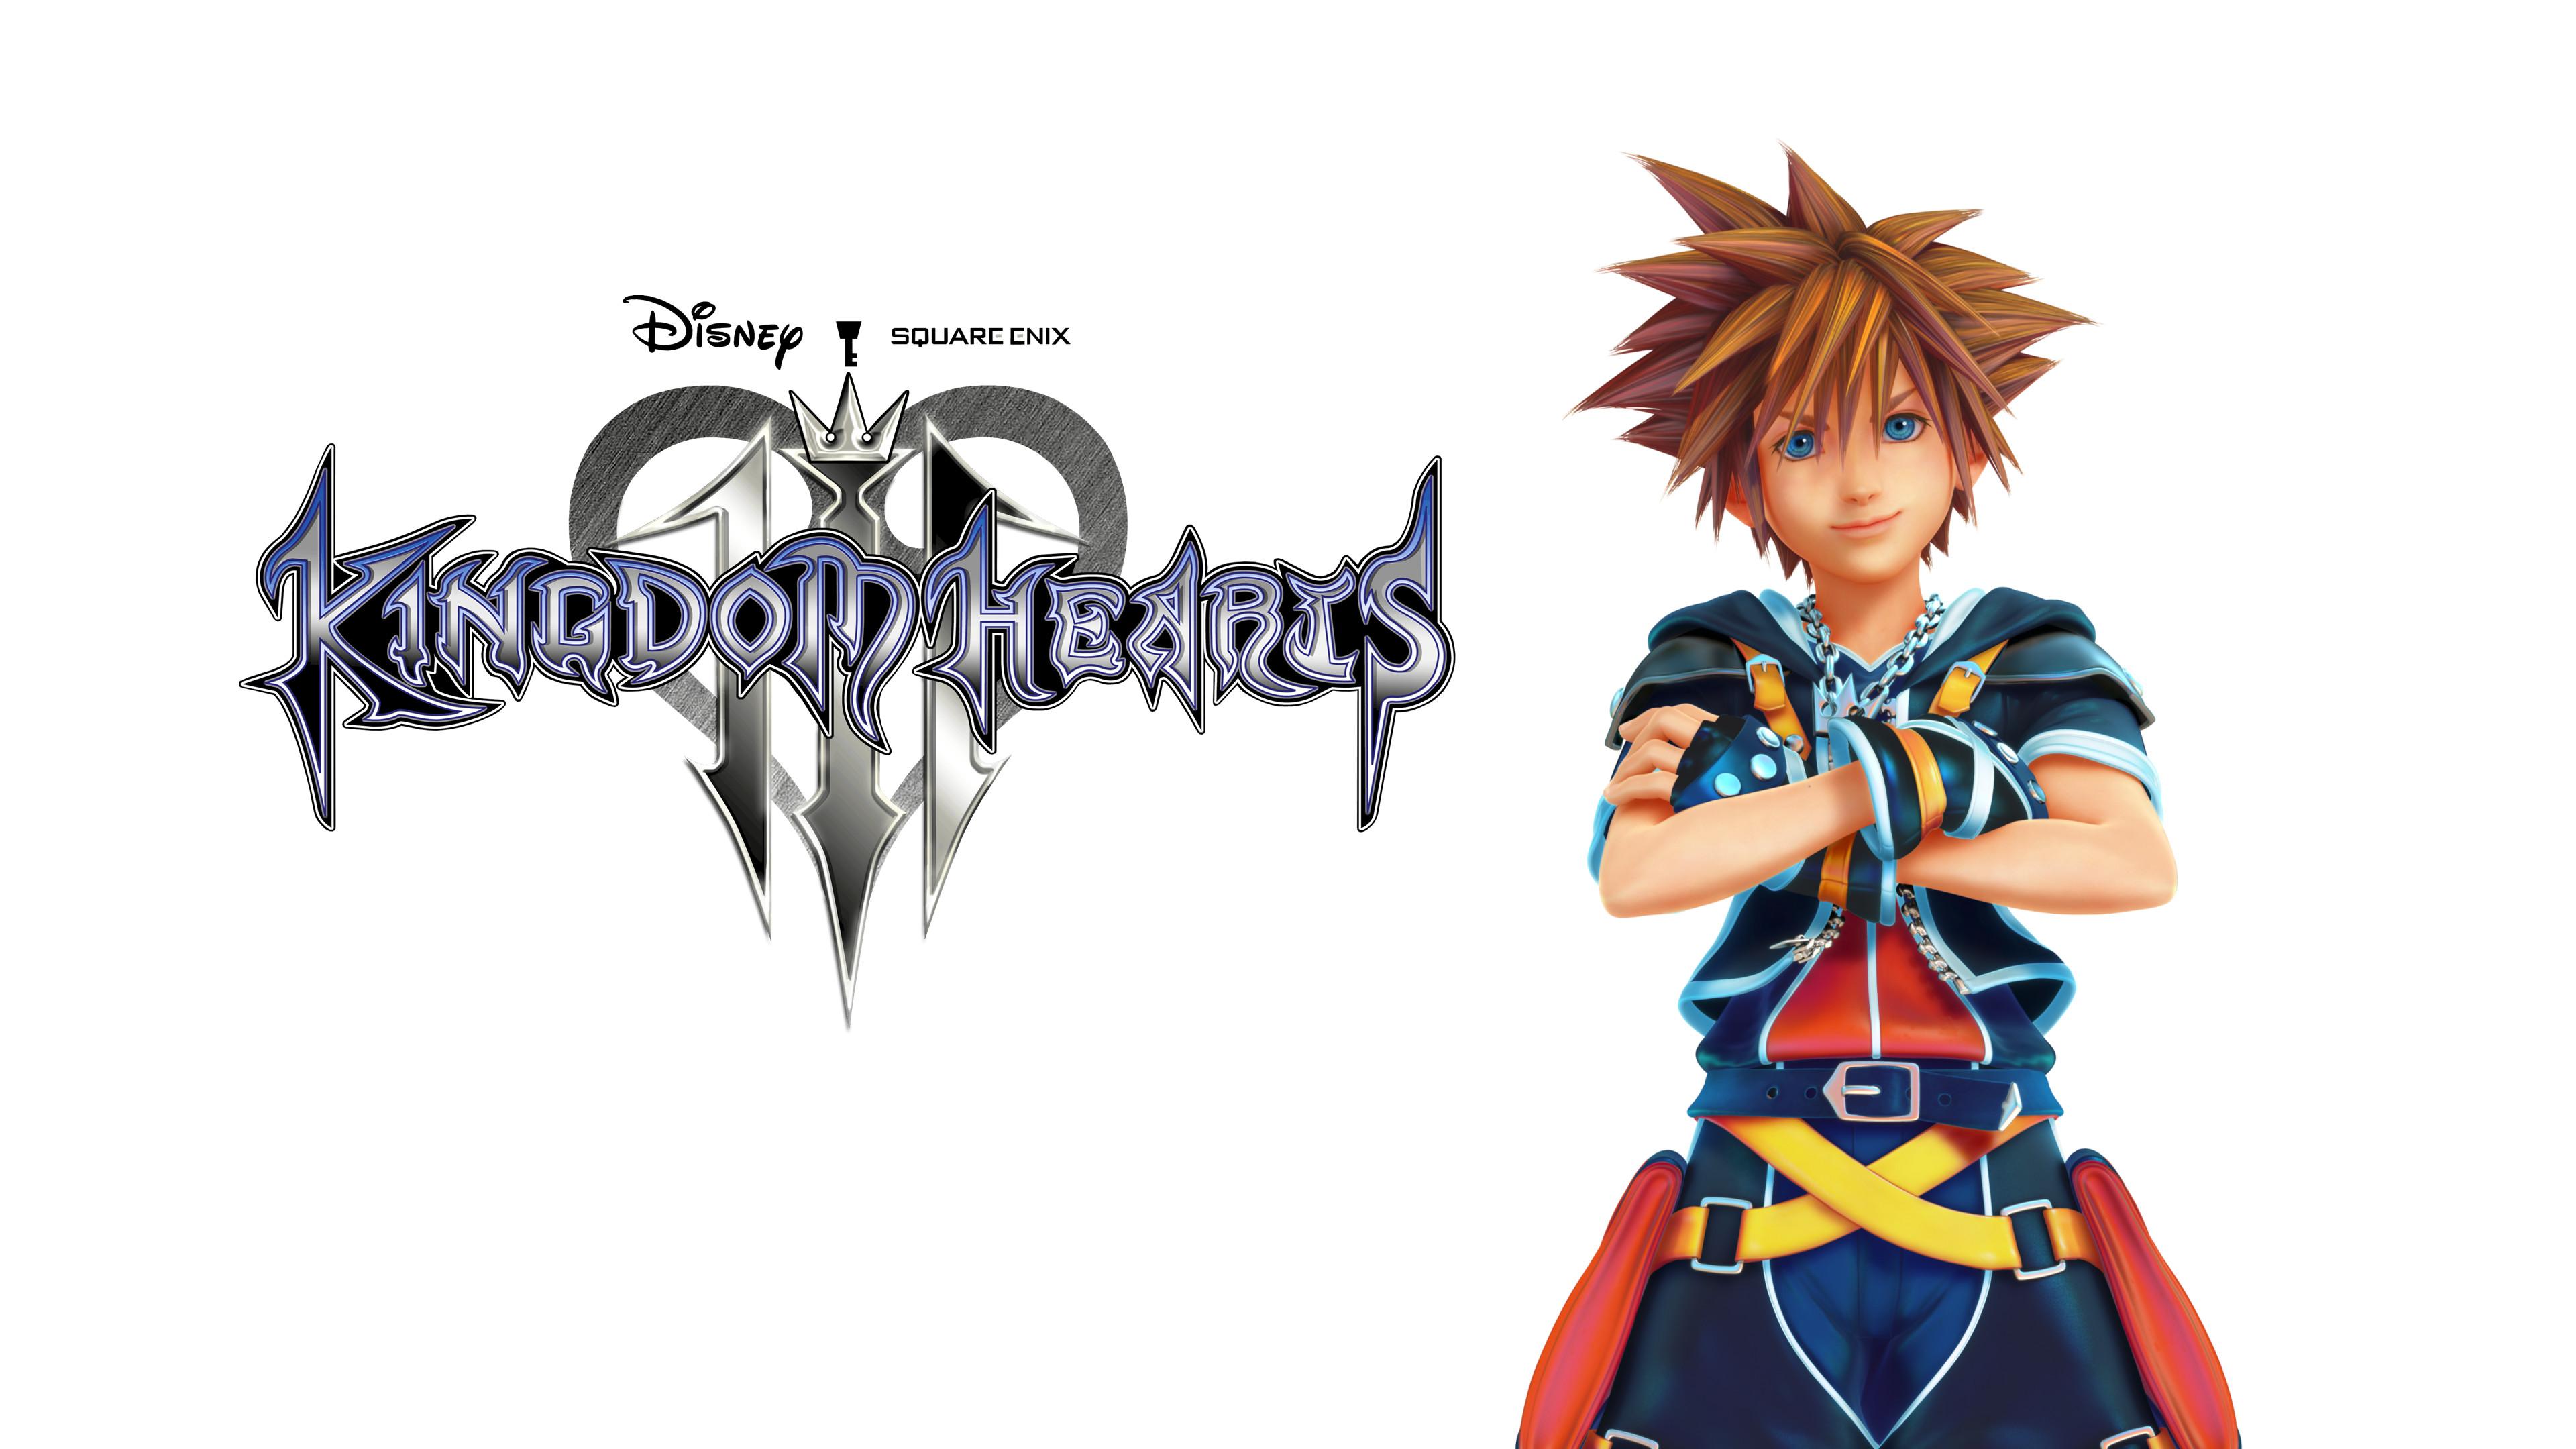 Fantastic Wallpaper Mac Kingdom Hearts - 550394-kingdom-hearts-sora-wallpaper-3840x2160-mac  Trends_161965.jpg